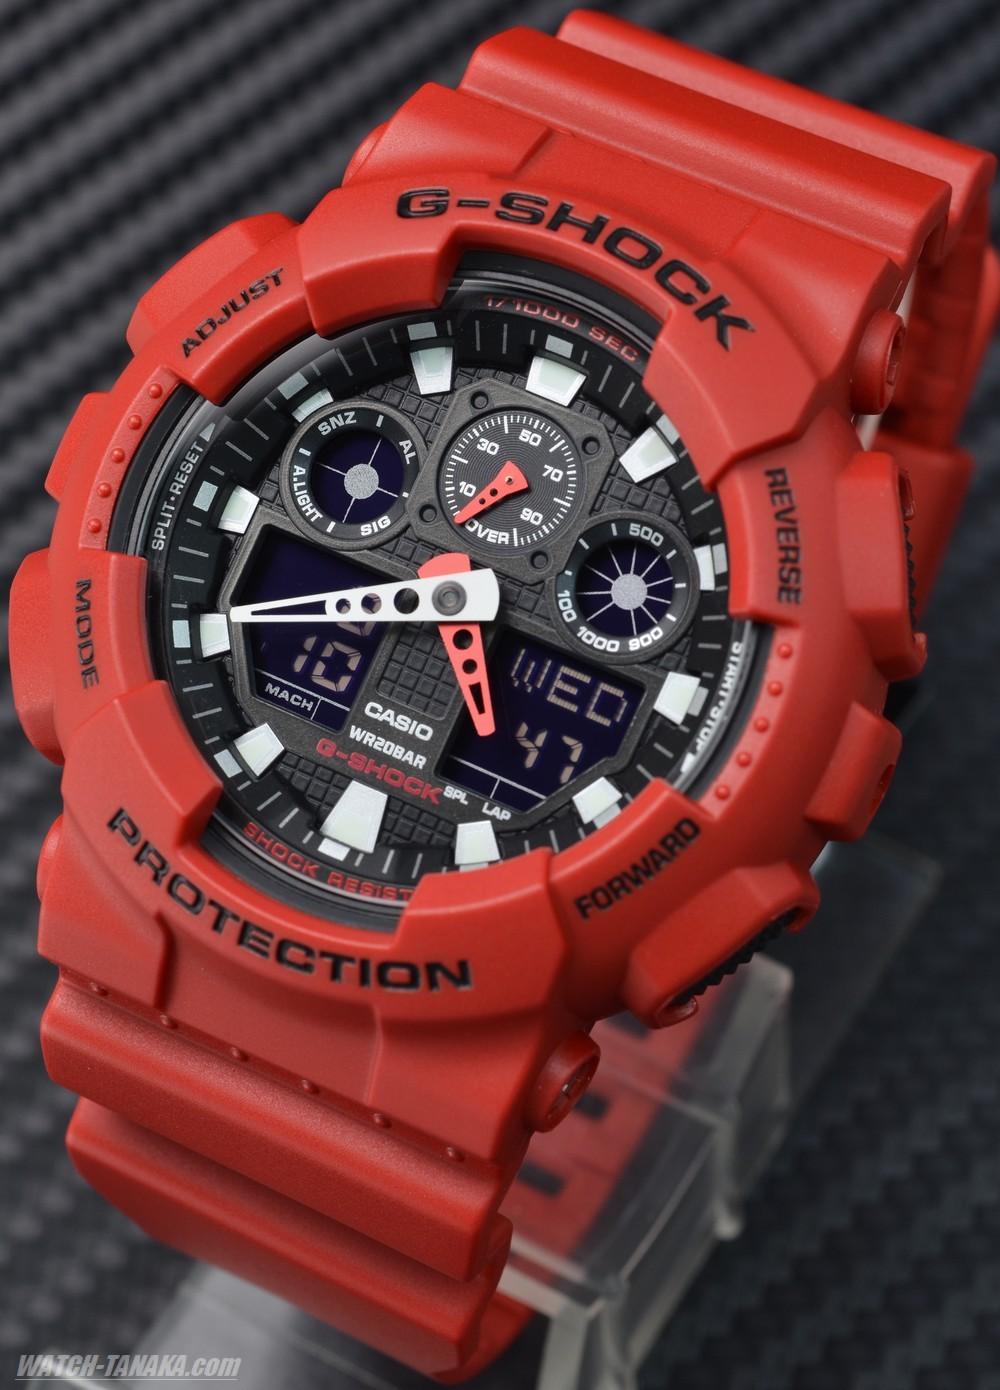 ... Casio G-Shock Red Analog Digital Watch GA-100B-4A GA100B ...